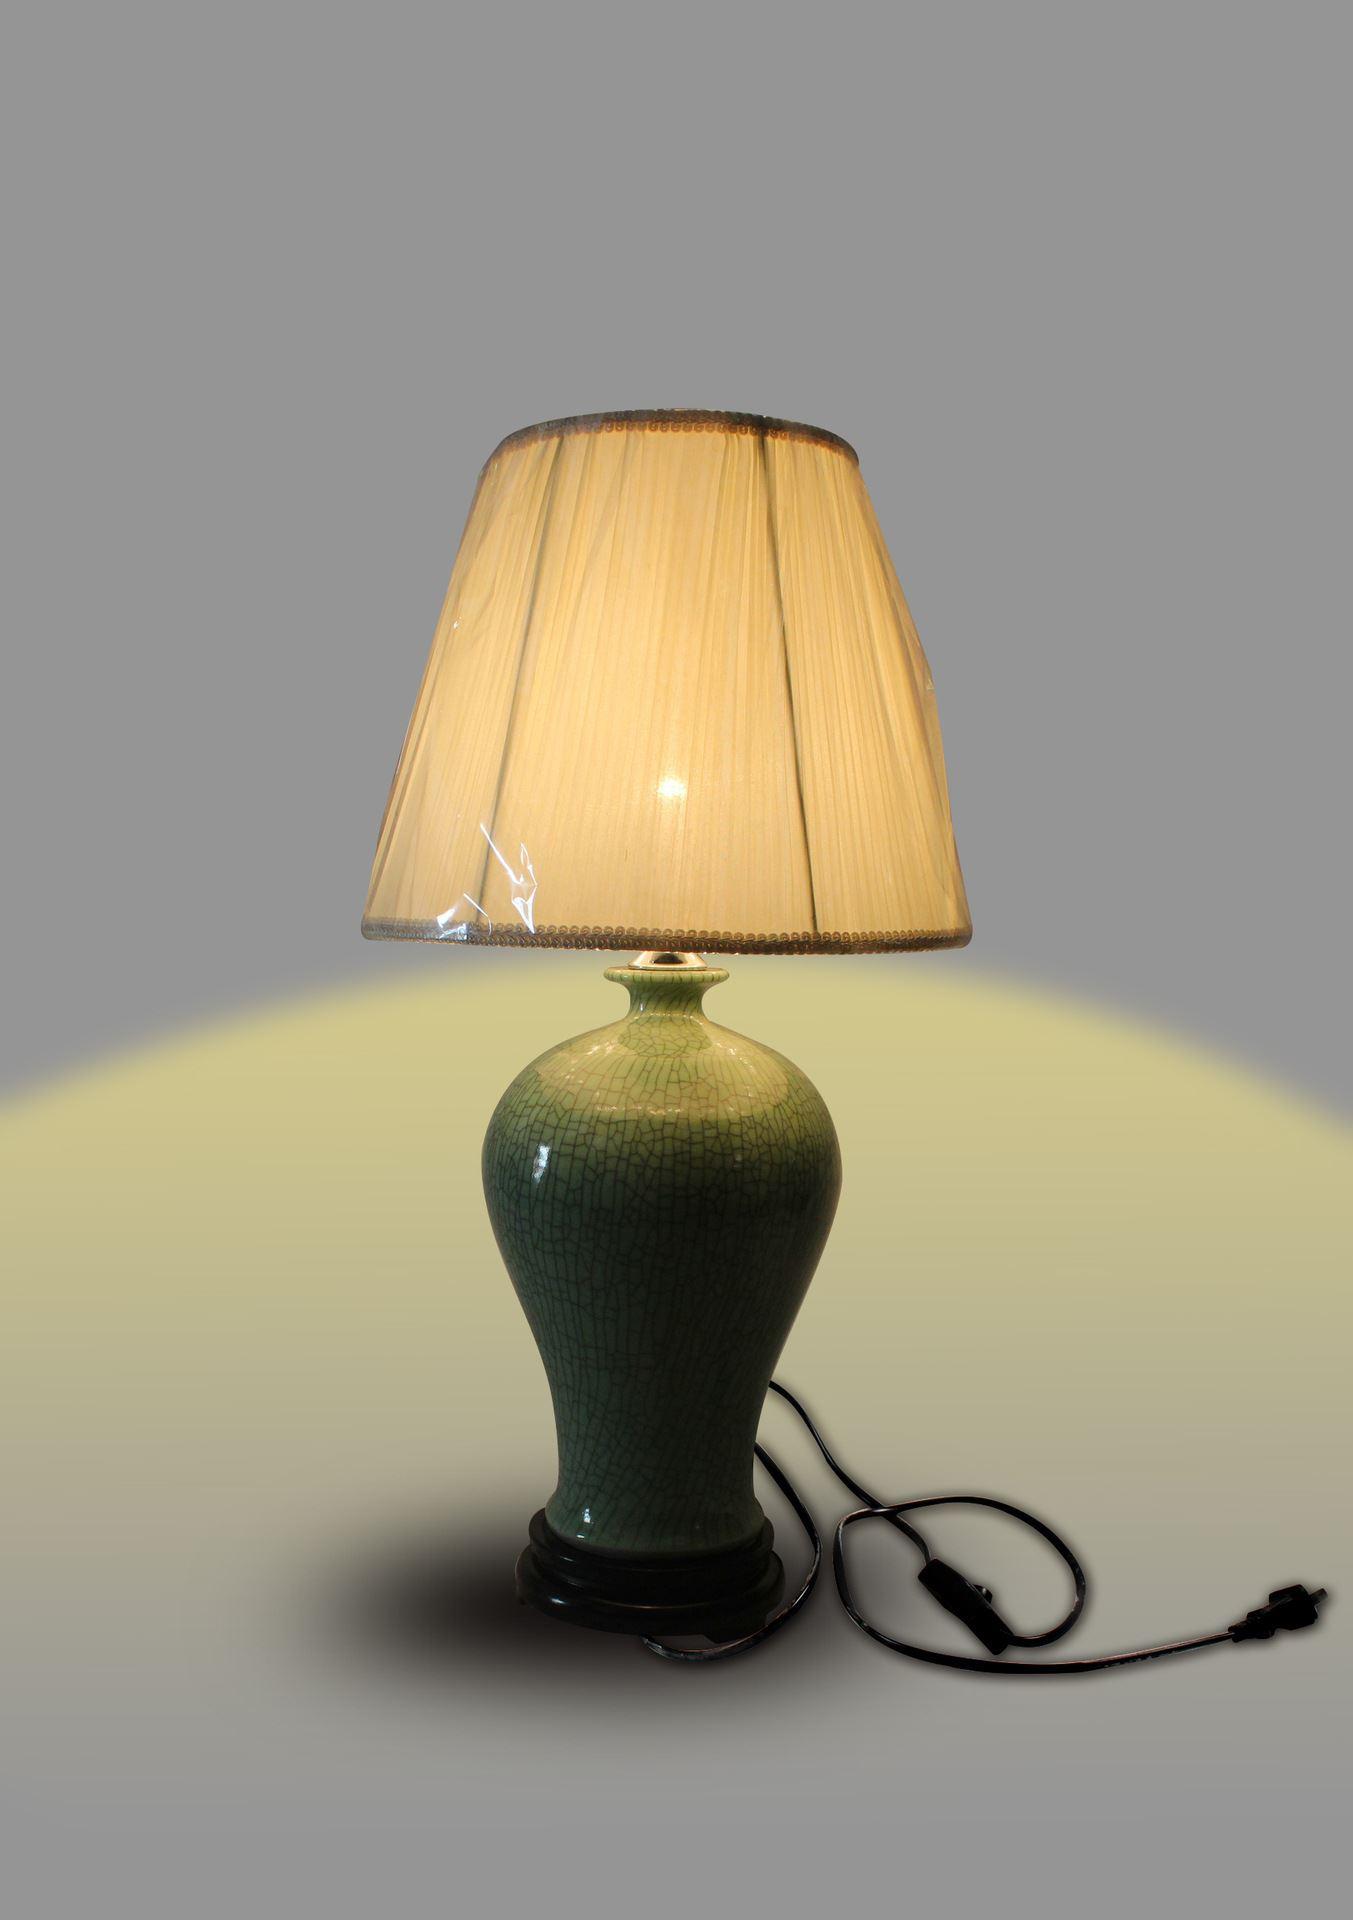 DSIF13景德镇 陶瓷 开片绿釉梅瓶 台灯 灯具 灯饰 家居摆设